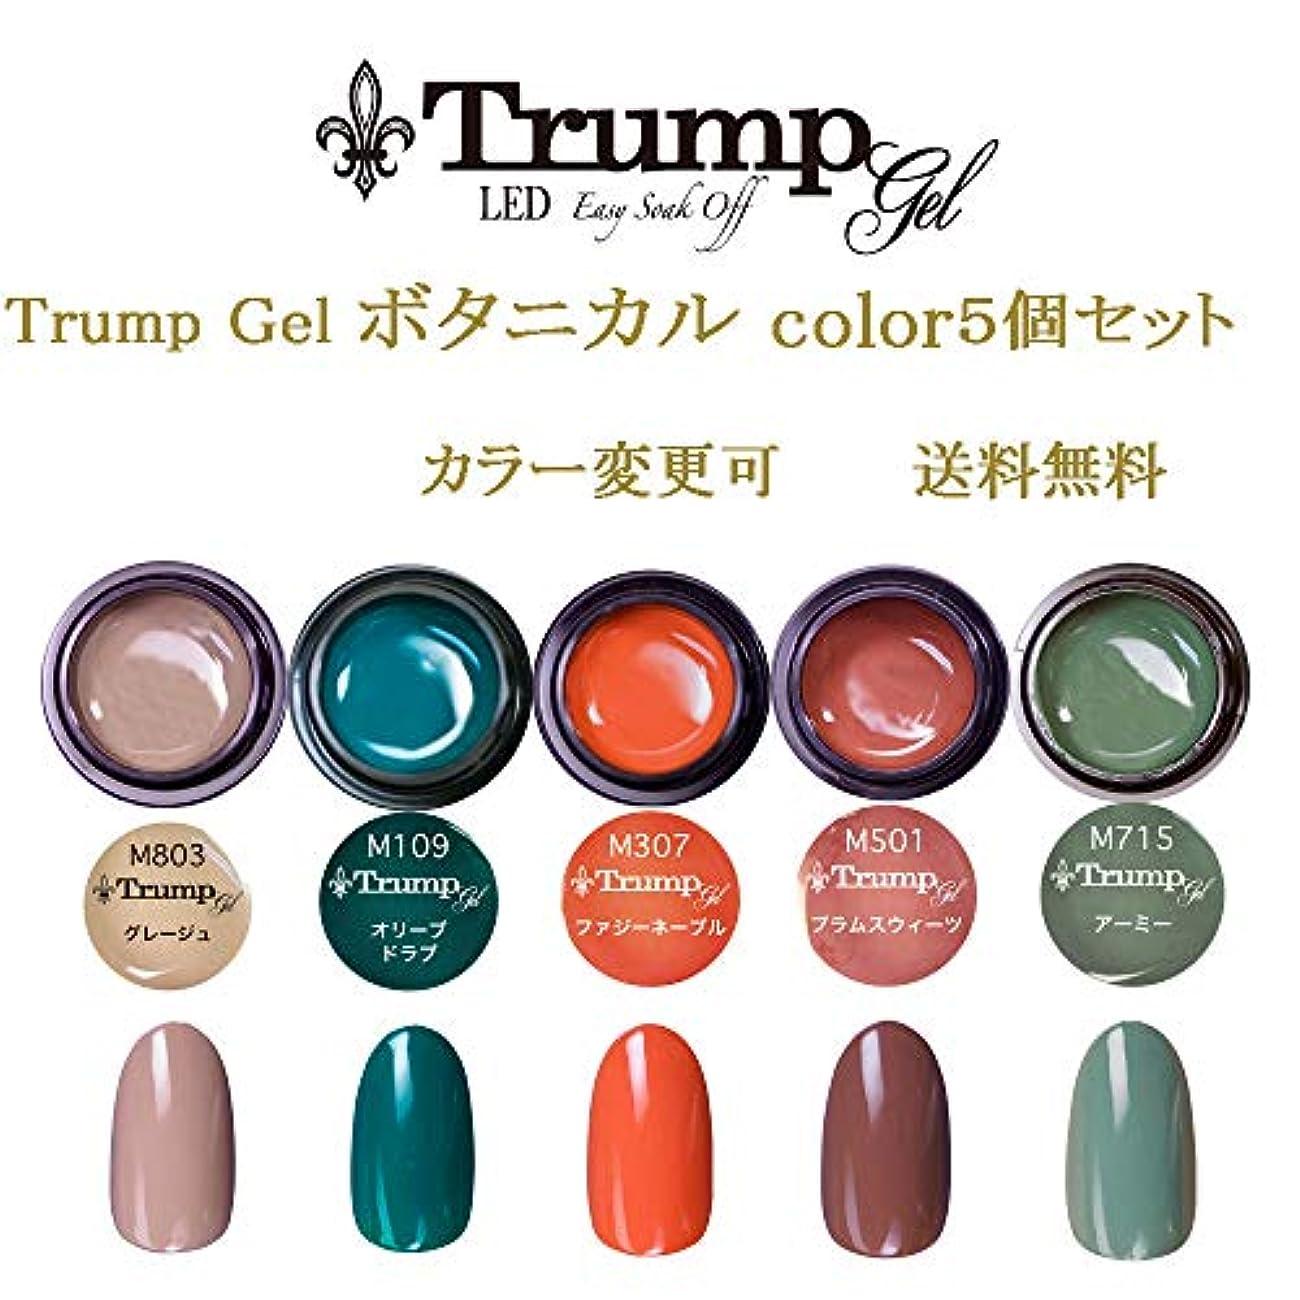 製作メディカルびっくりした日本製 Trump gel トランプジェル ボタニカルカラー 選べる カラージェル 5個セット カーキー ベージュ グリーン